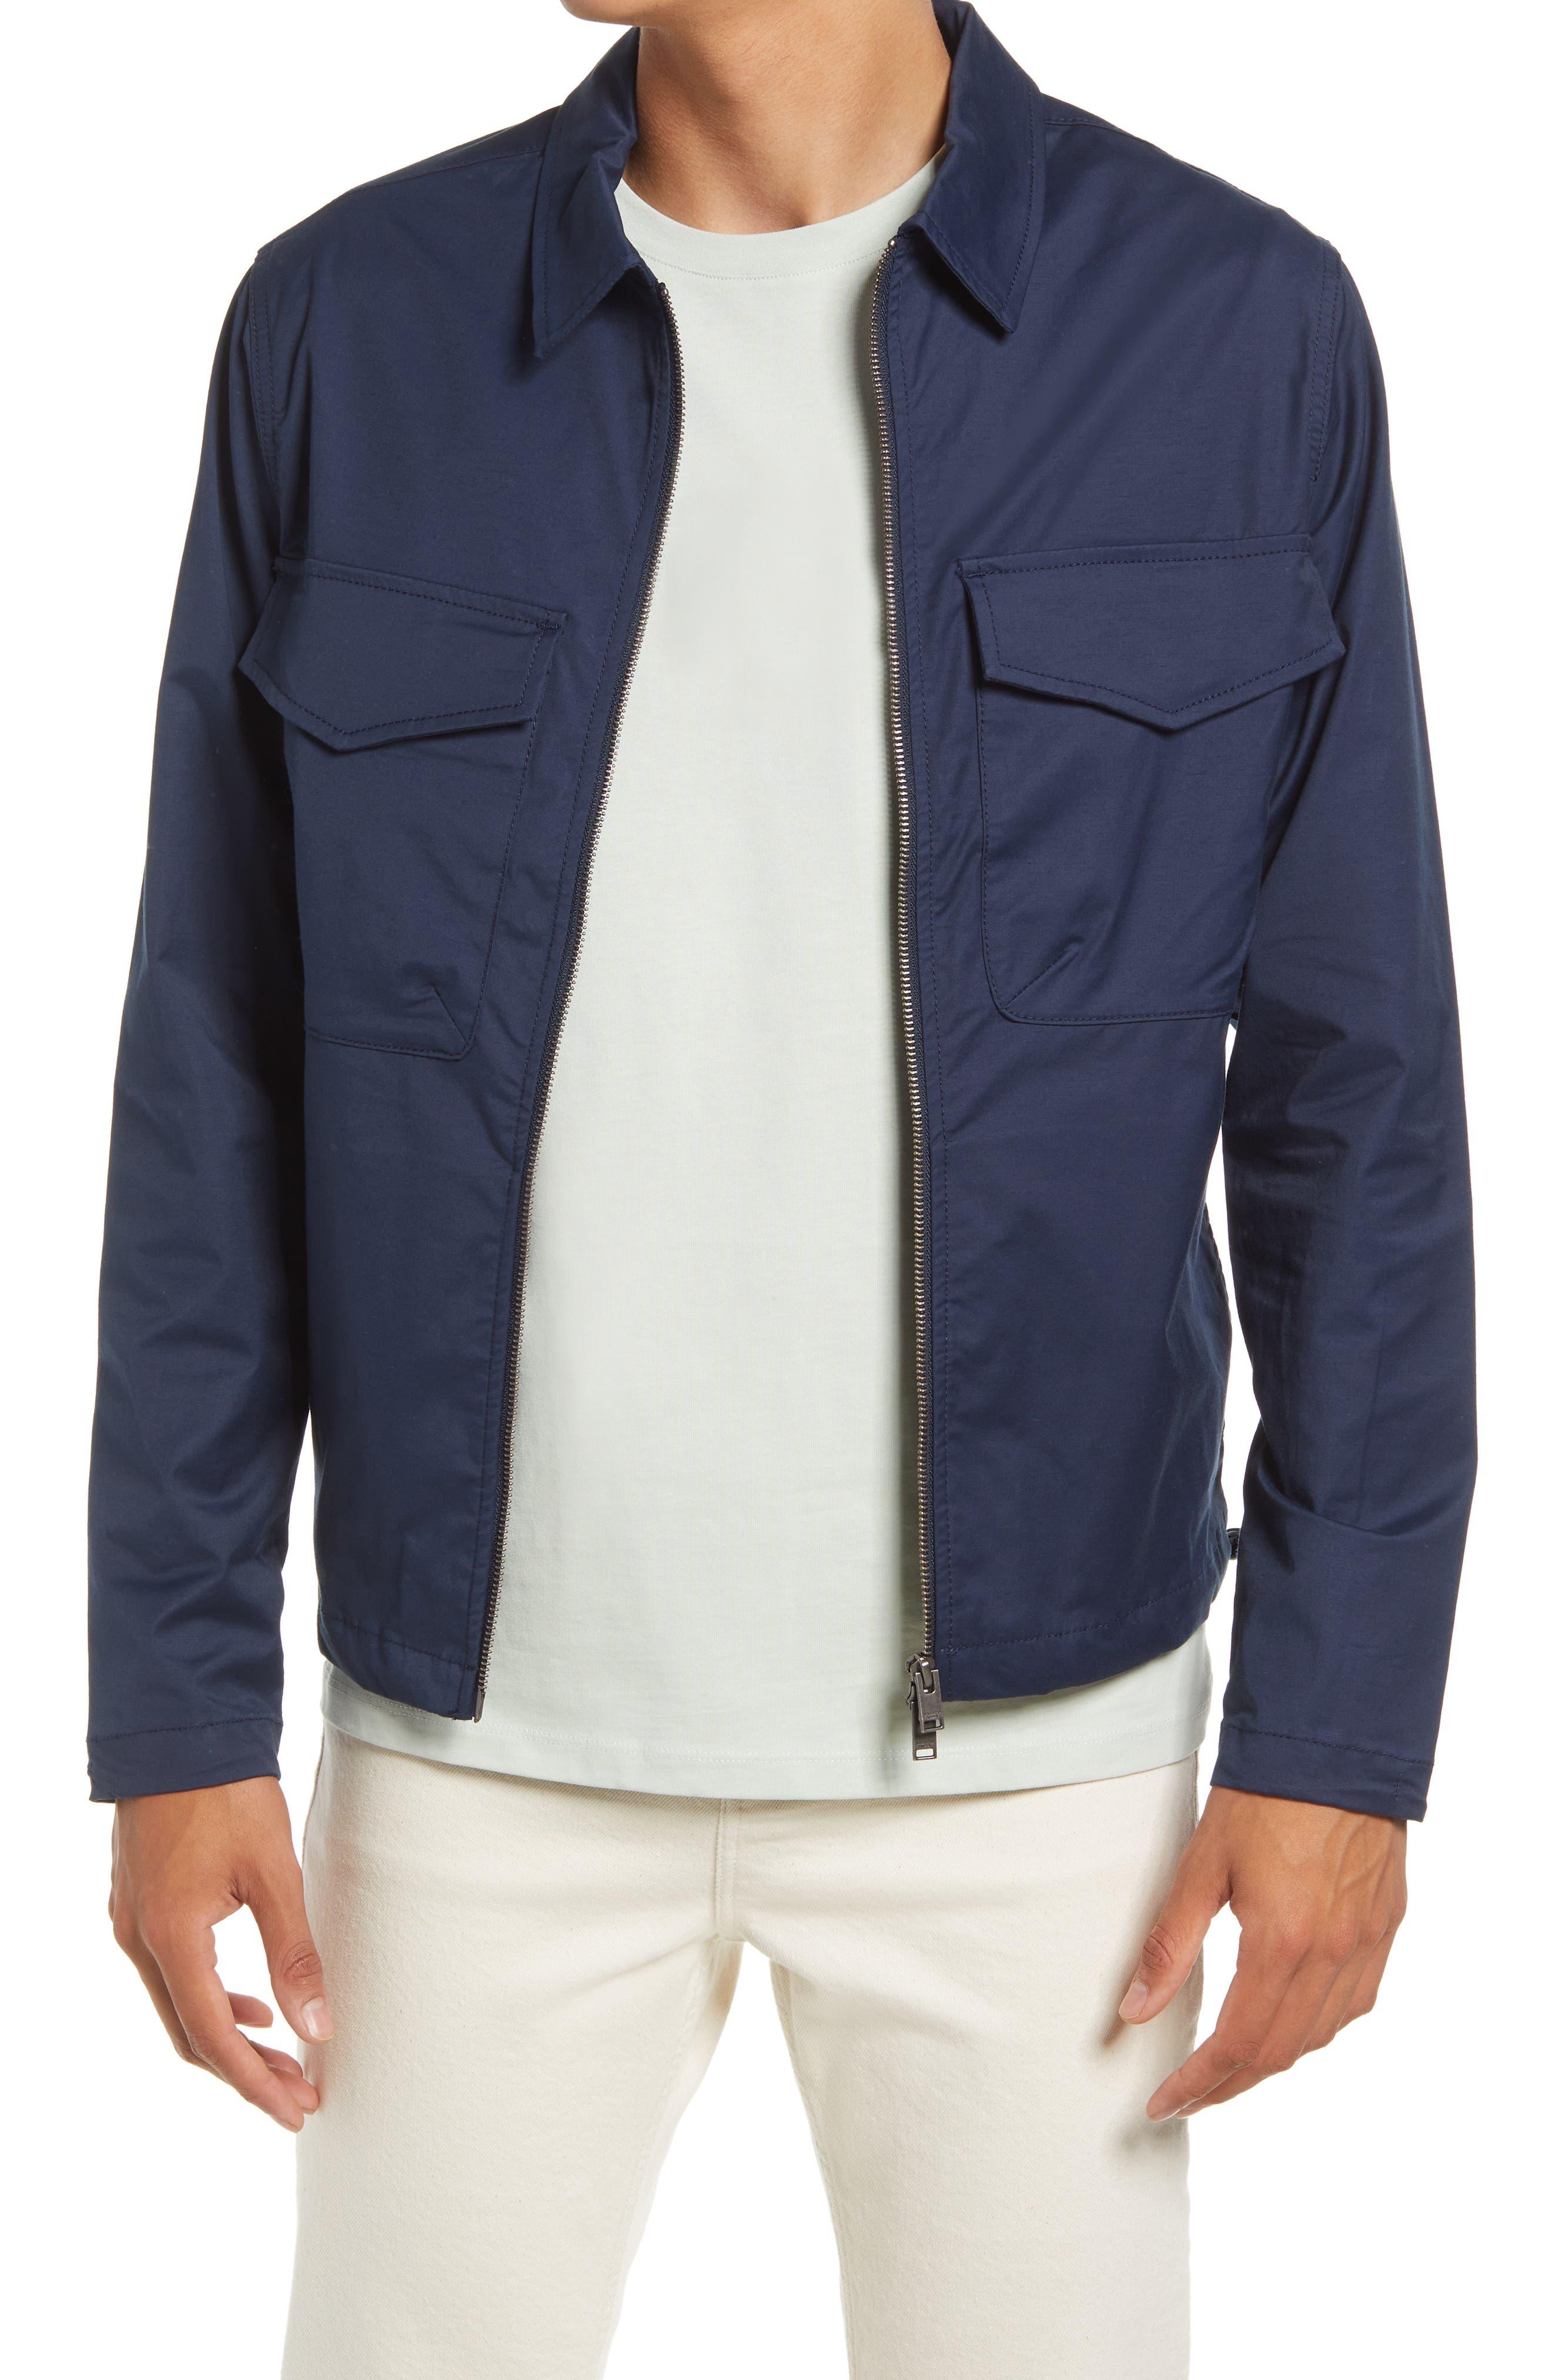 50s Men's Jackets | Greaser Jackets, Leather, Bomber, Gabardine Mens Selected Homme Slhvilbert Shirt Jacket Size Small - Blue $165.00 AT vintagedancer.com